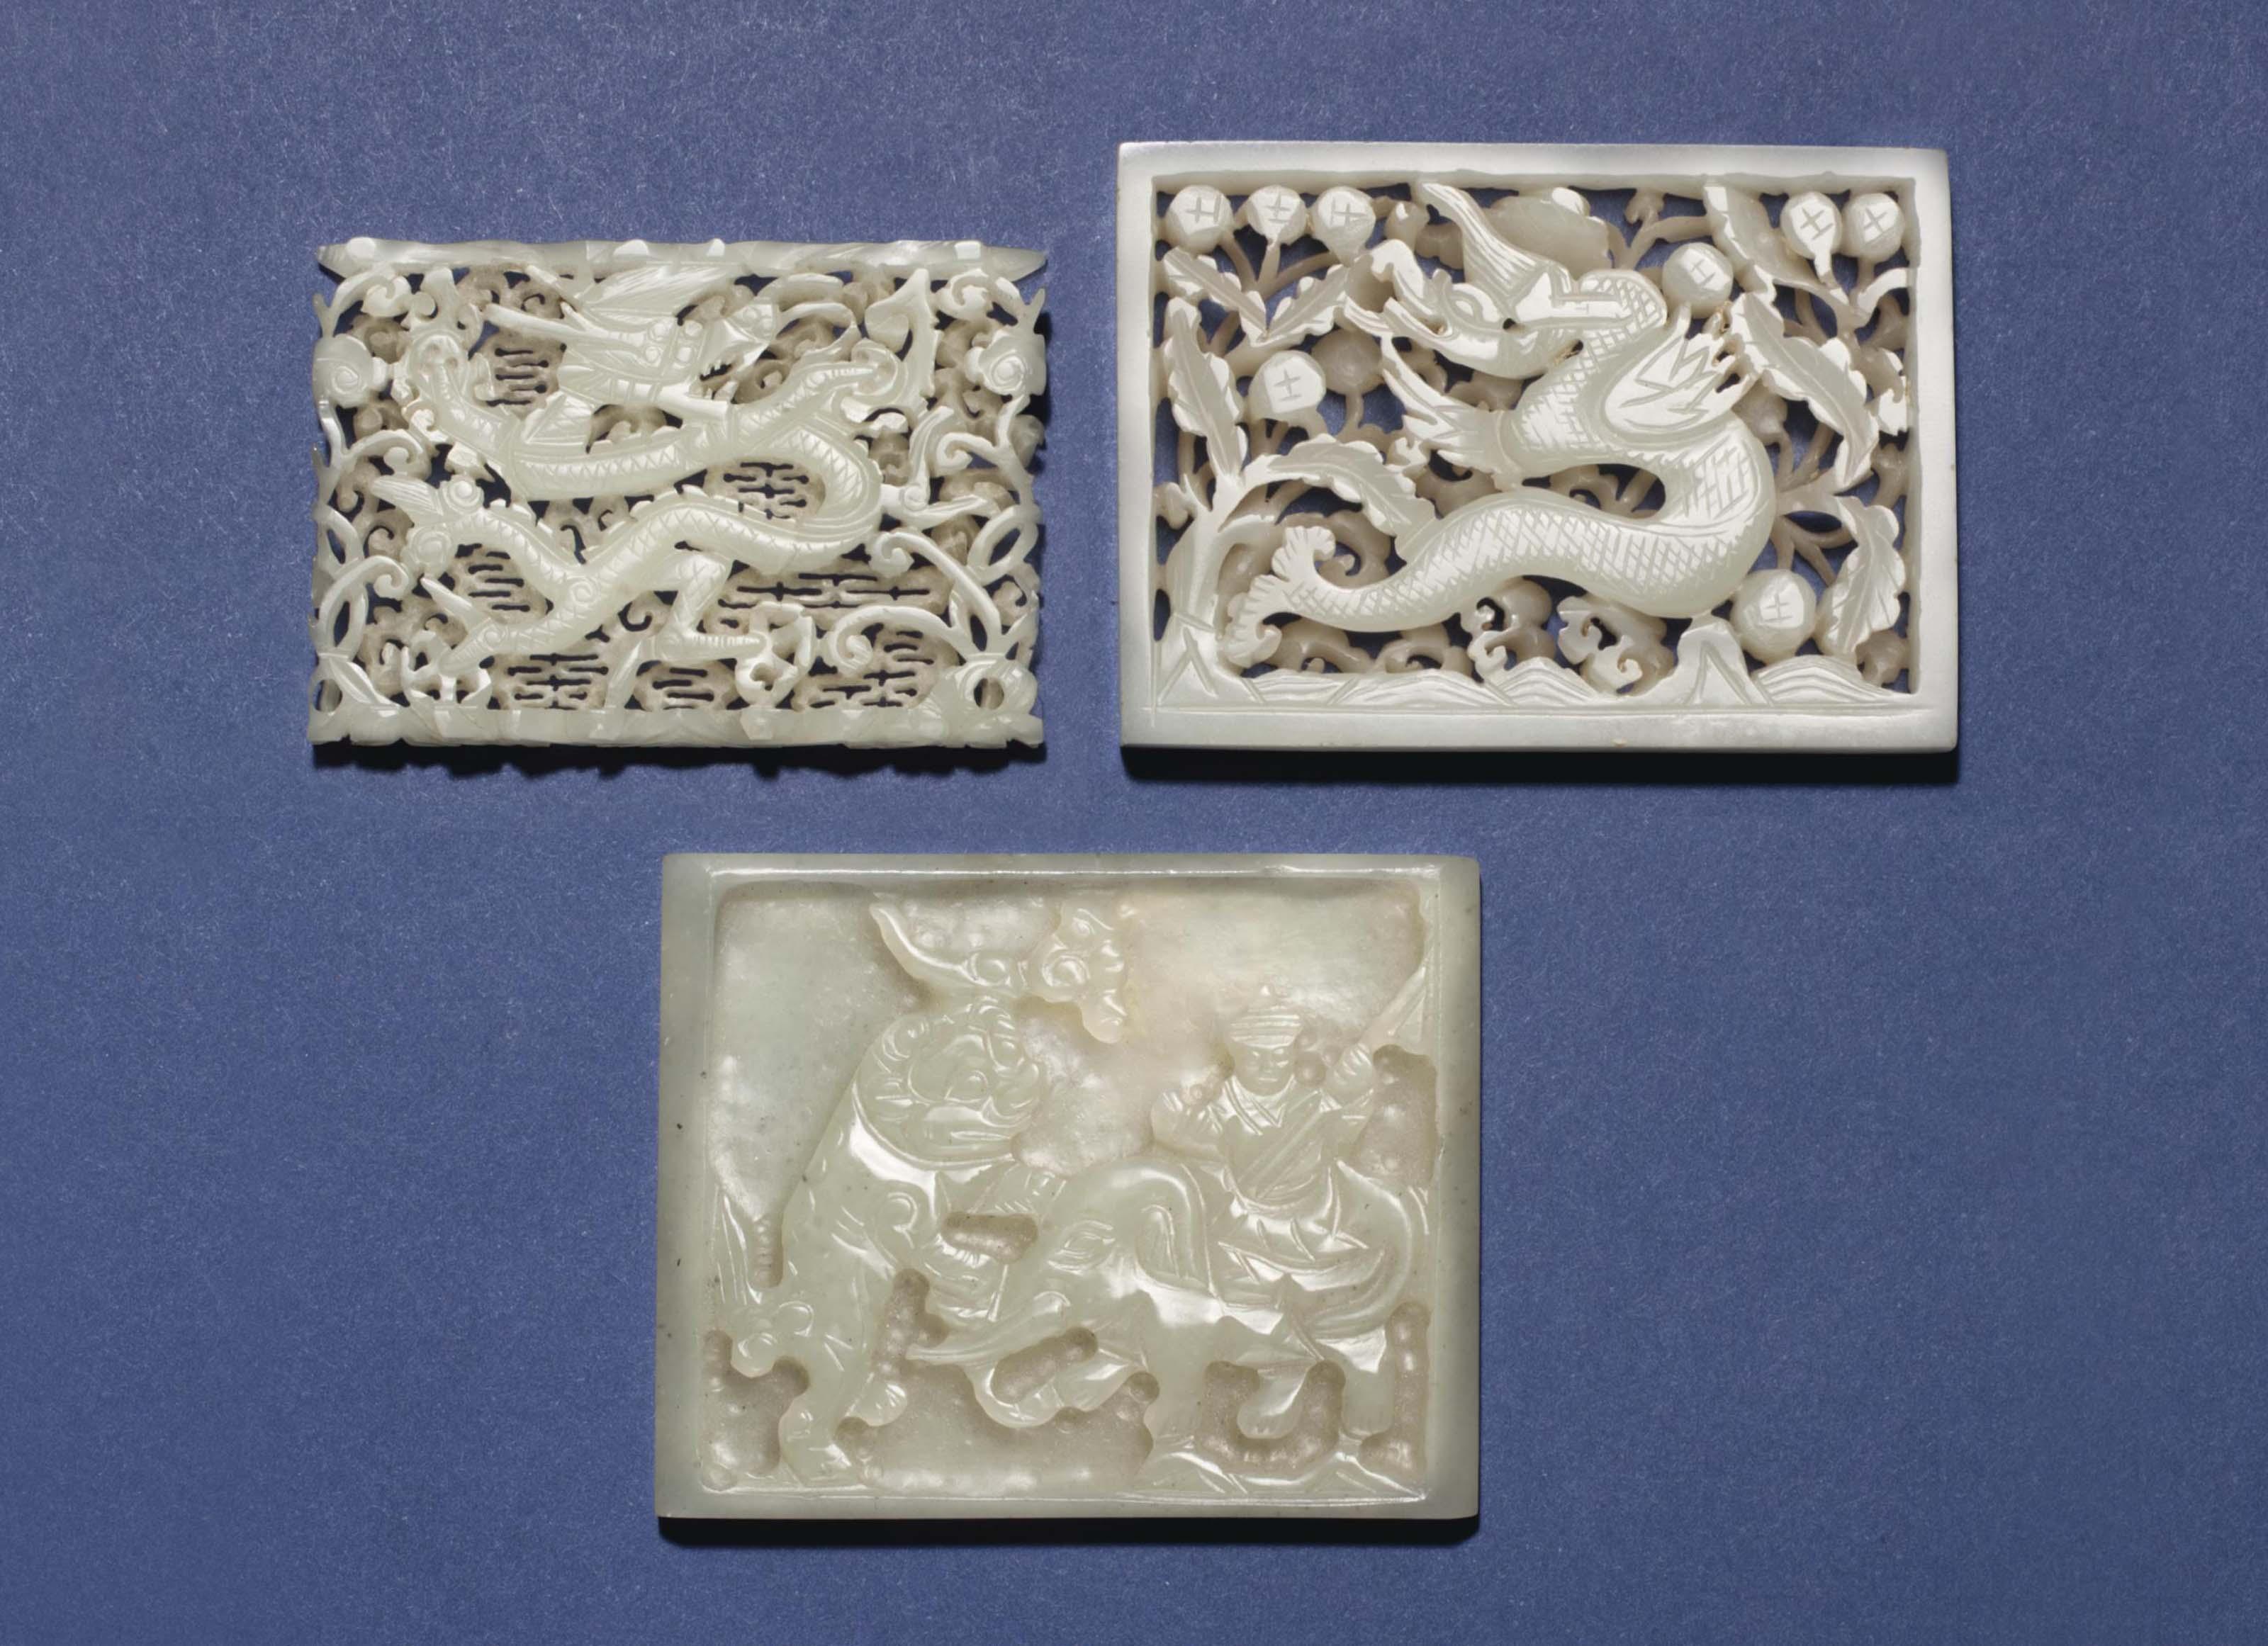 THREE PALE GREENISH-WHITE JADE